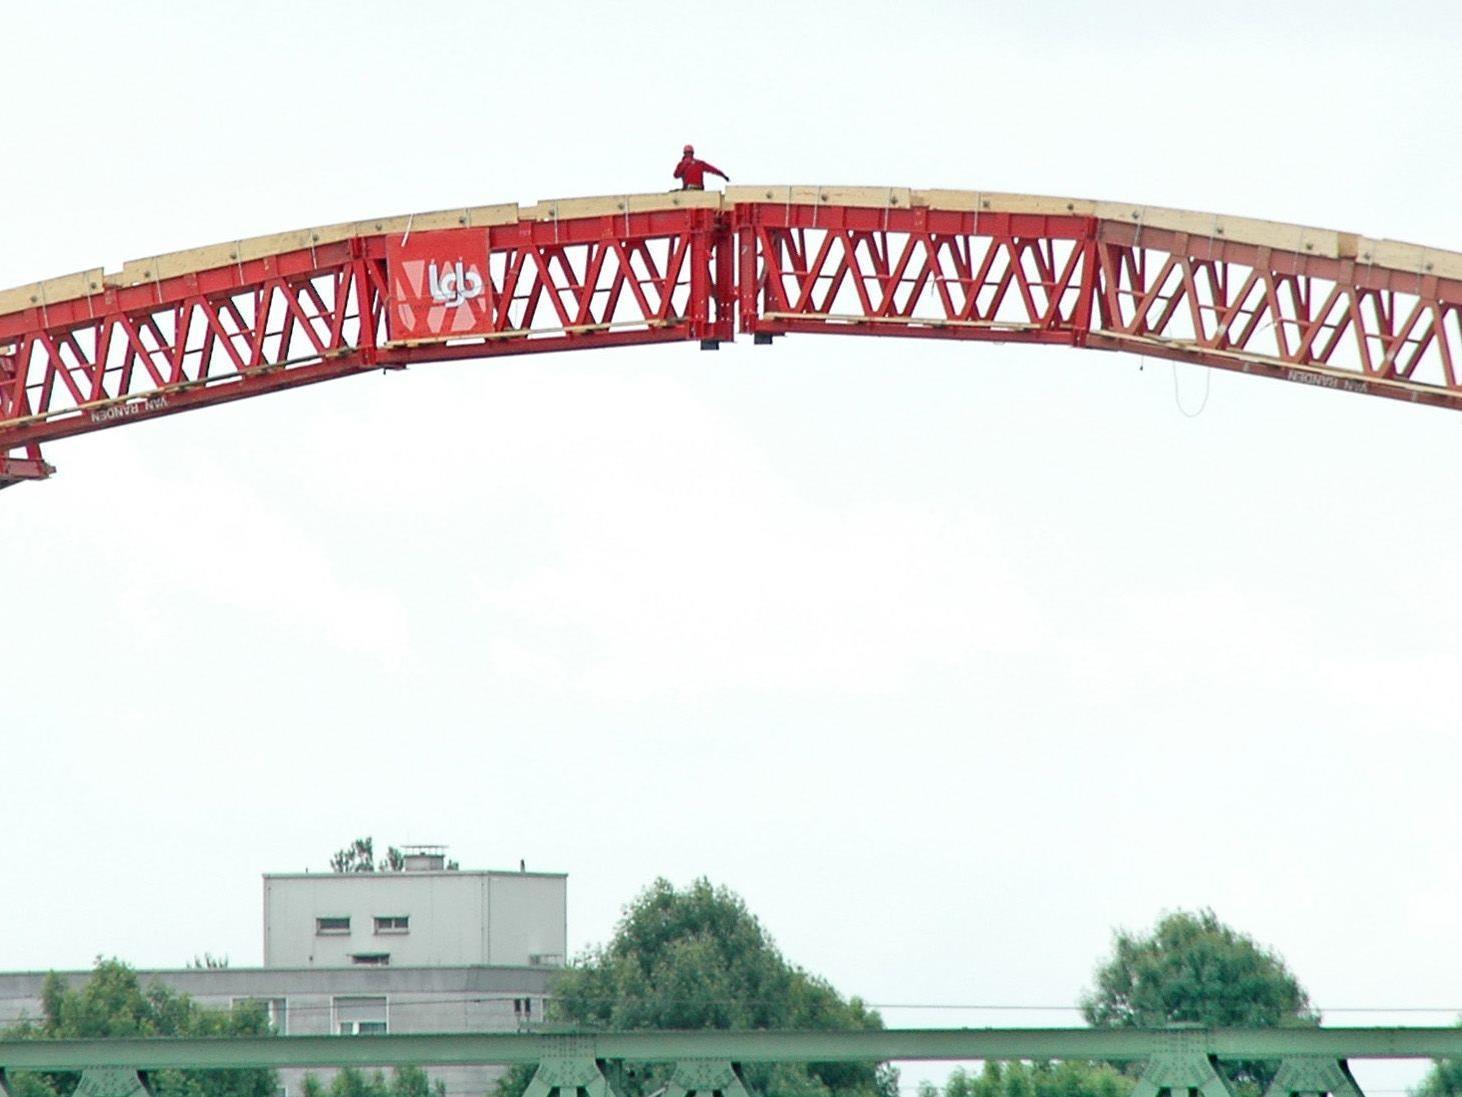 In luftiger Höhe werden die Gerüste für die Bogenbrücke über den Rhein miteinander verbunden.